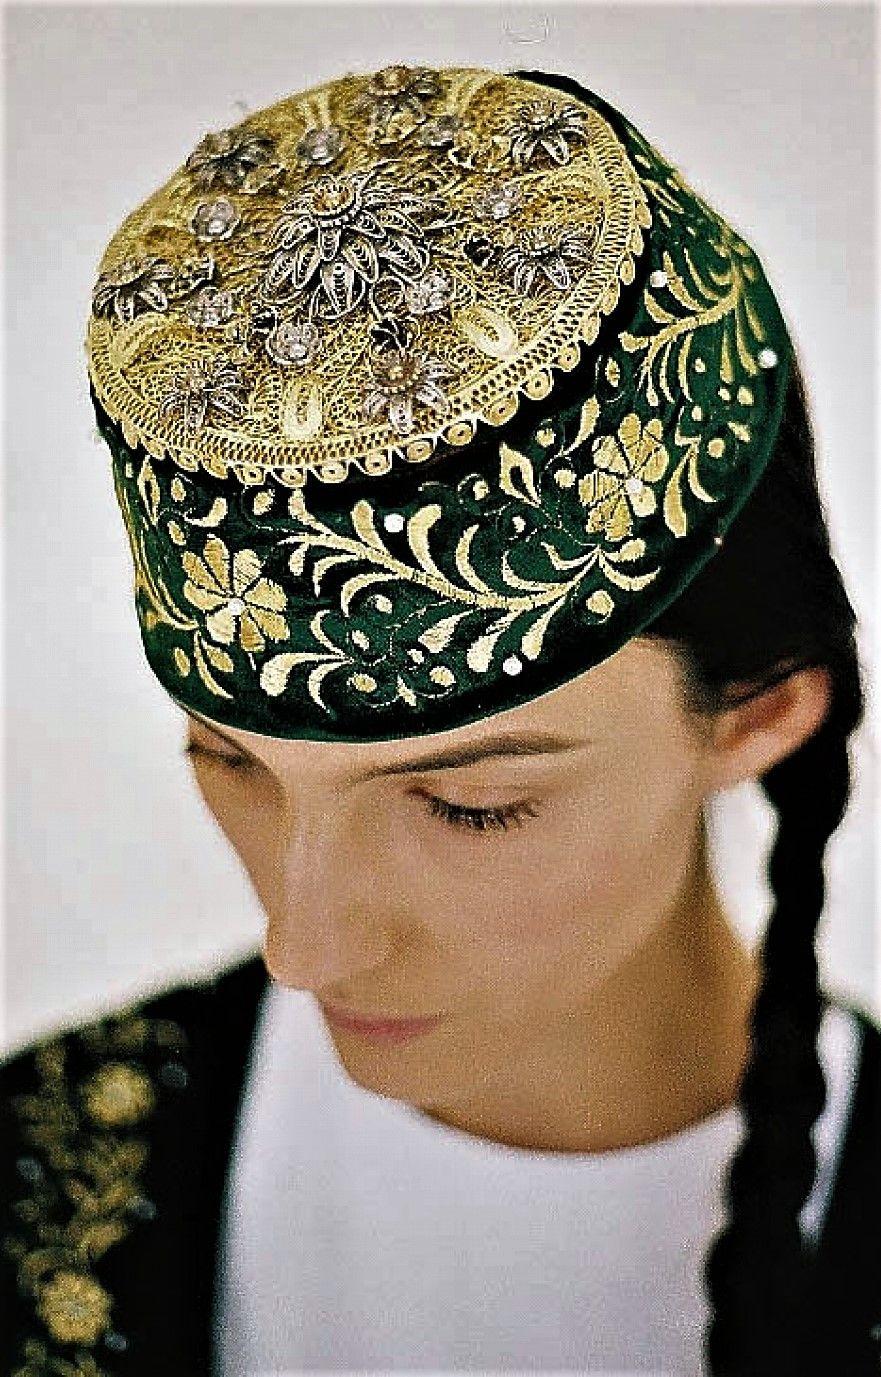 этой фото татарского головного убора конечно, нас